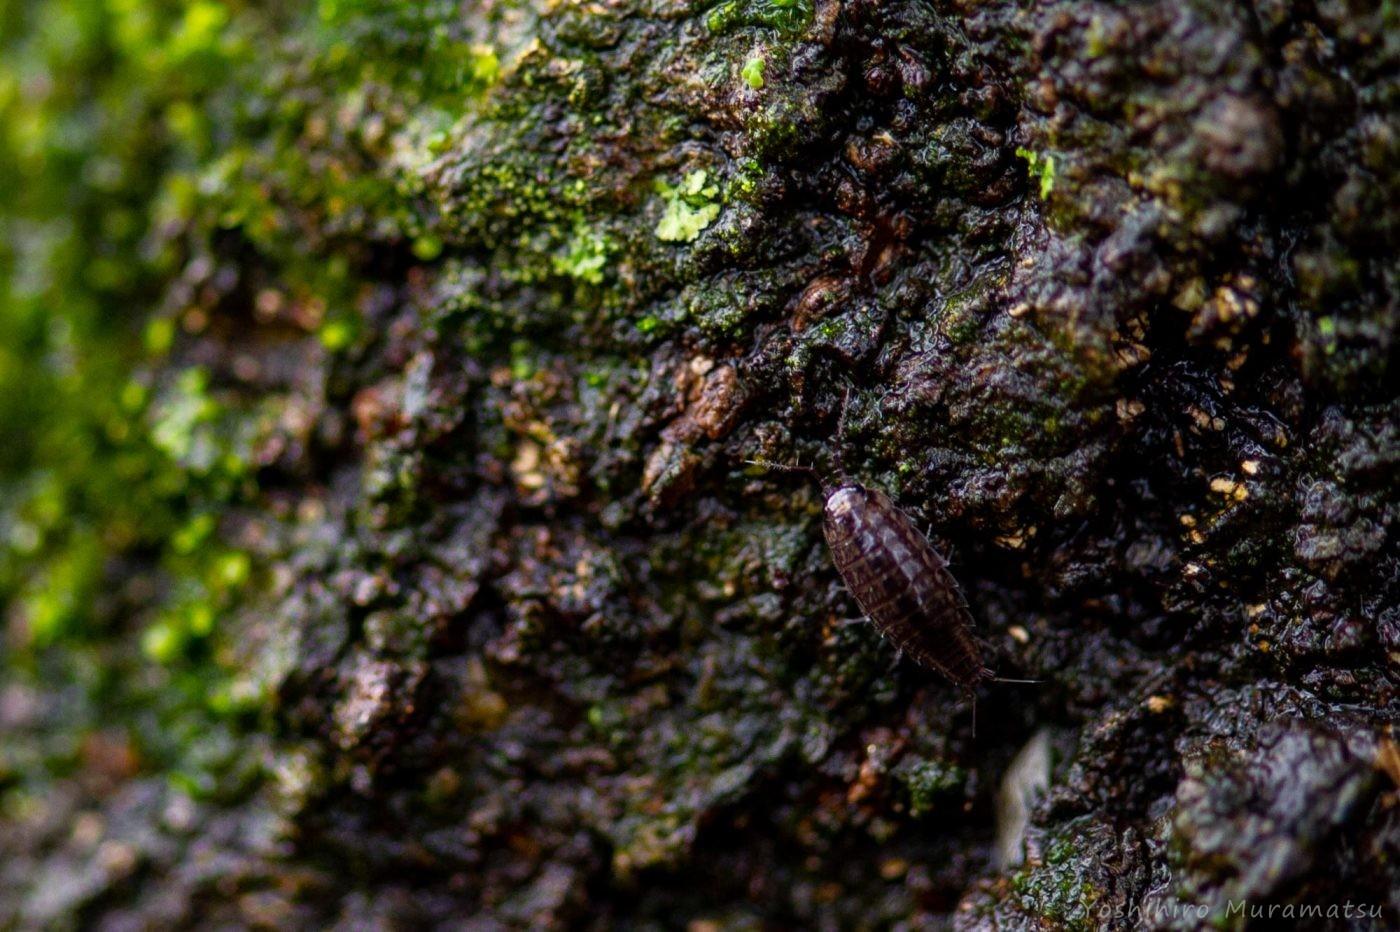 ハヤシワラジムシの一種の写真